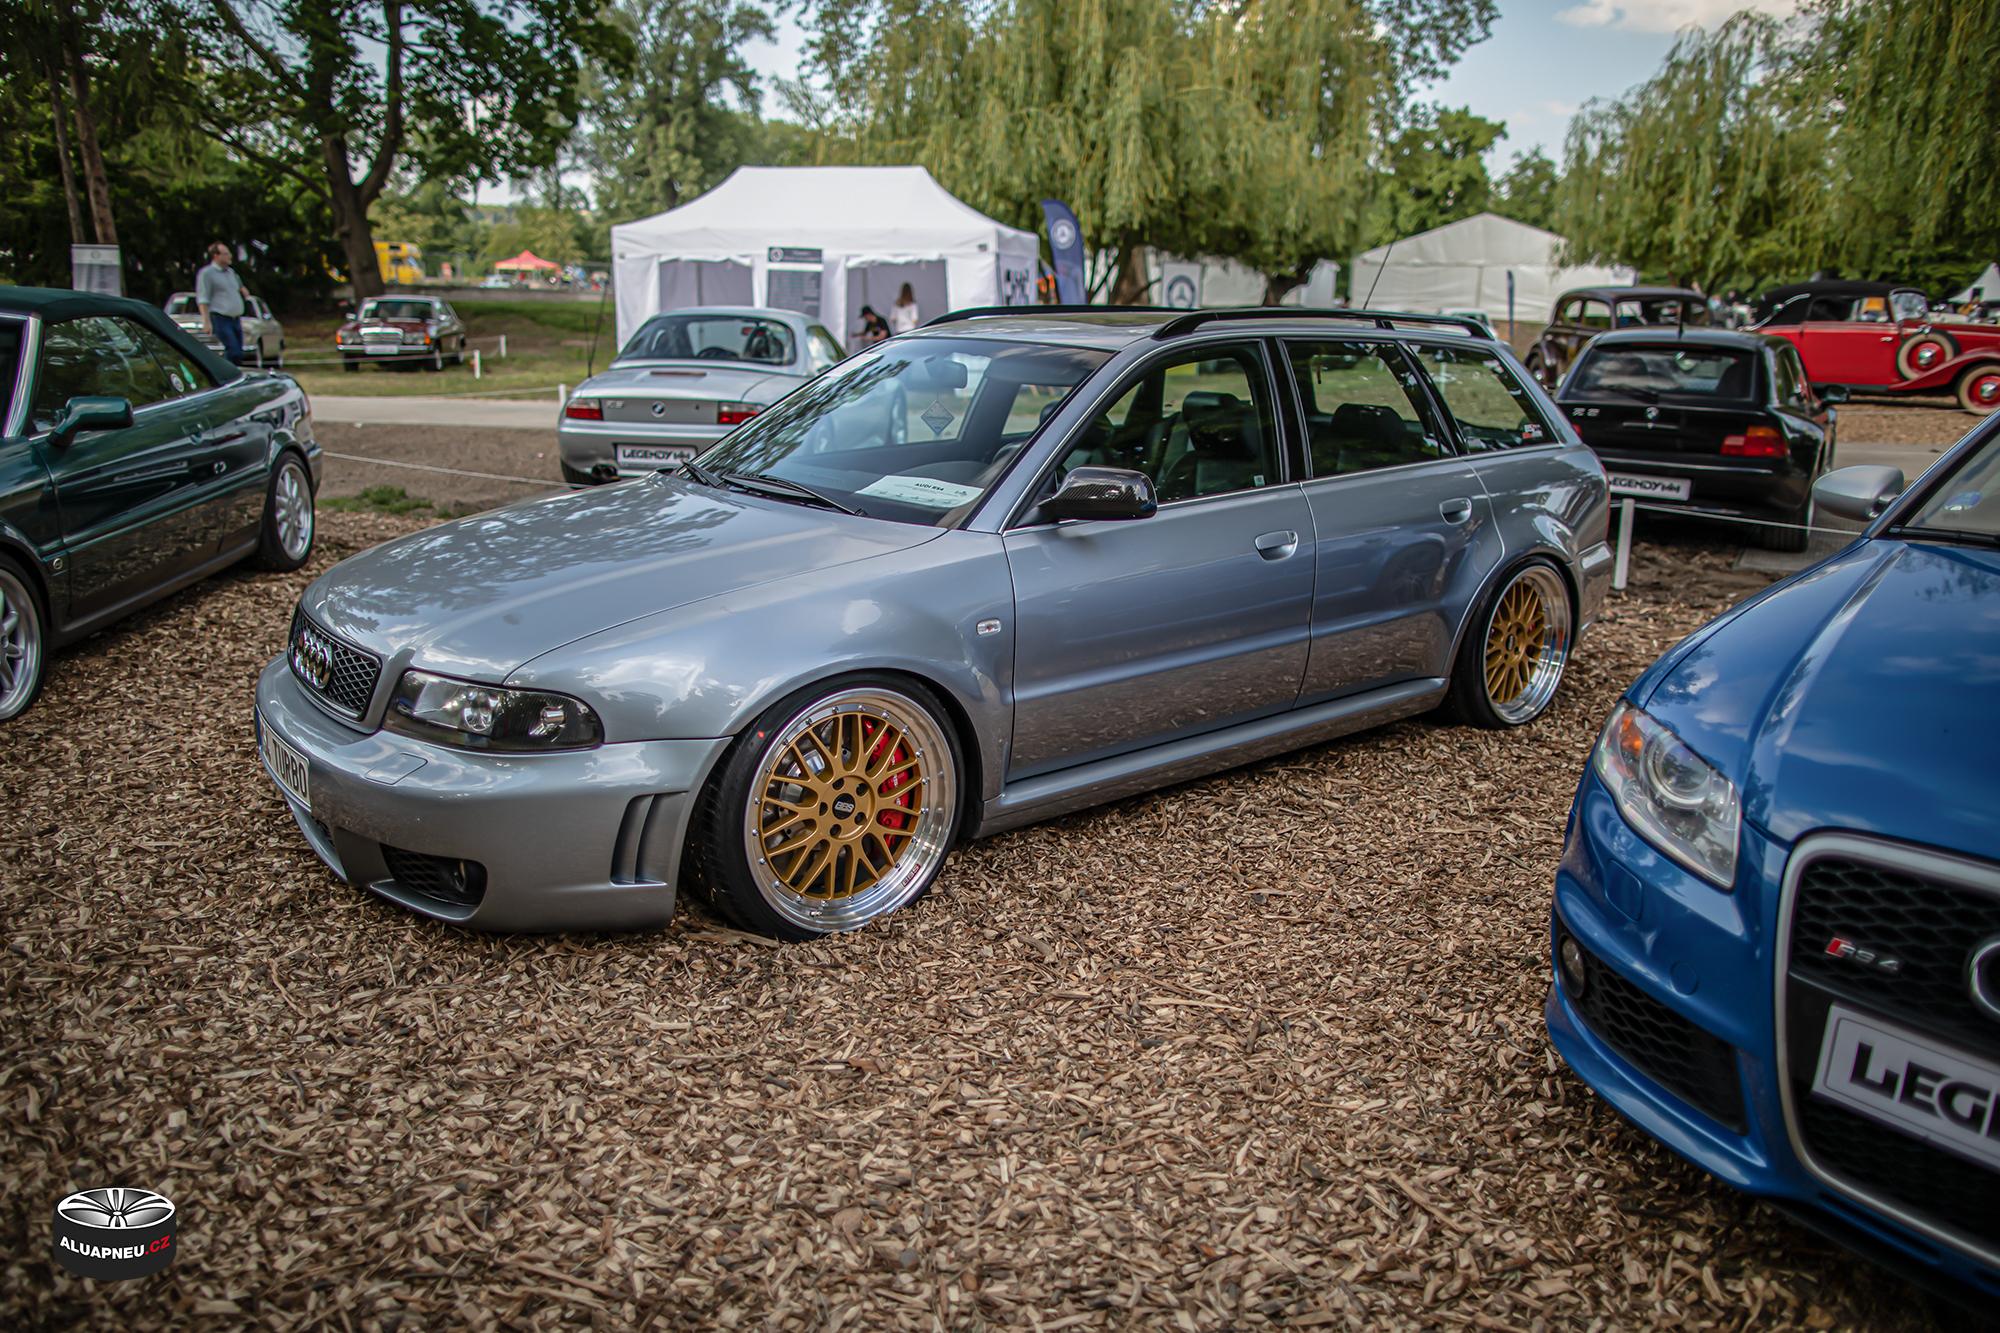 Zlaté elektrony s leštěnými límci - Audi Rs4 - Automobilové Legendy 2019 - www.aluapneu.cz